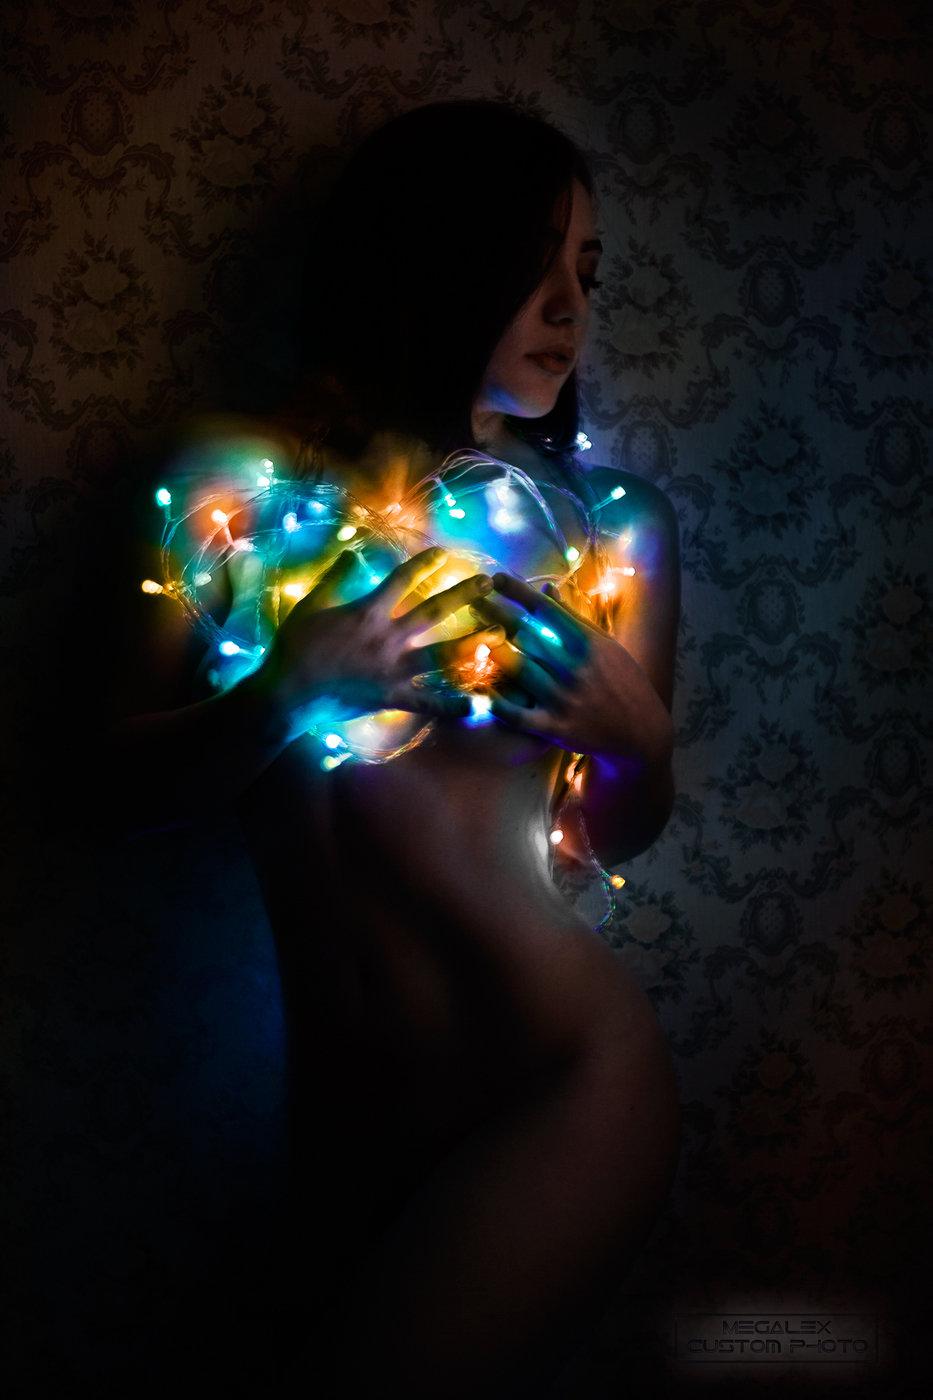 фото для авы в стиме девушка